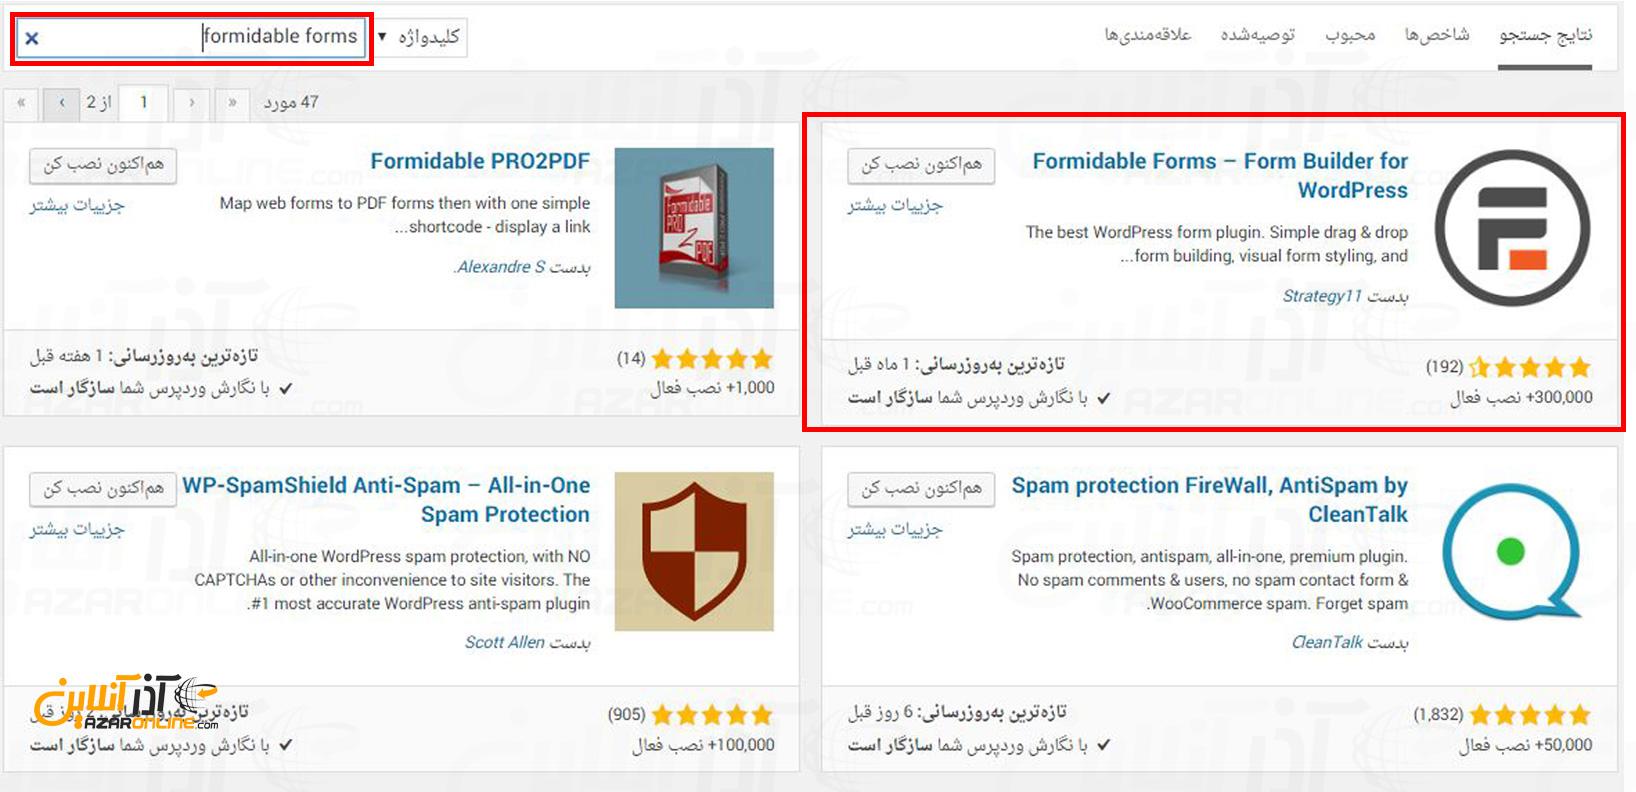 افزونه ساخت فرم تماس سفارشی با Formidable Forms - نصب افزونه فرمیدبل فرم